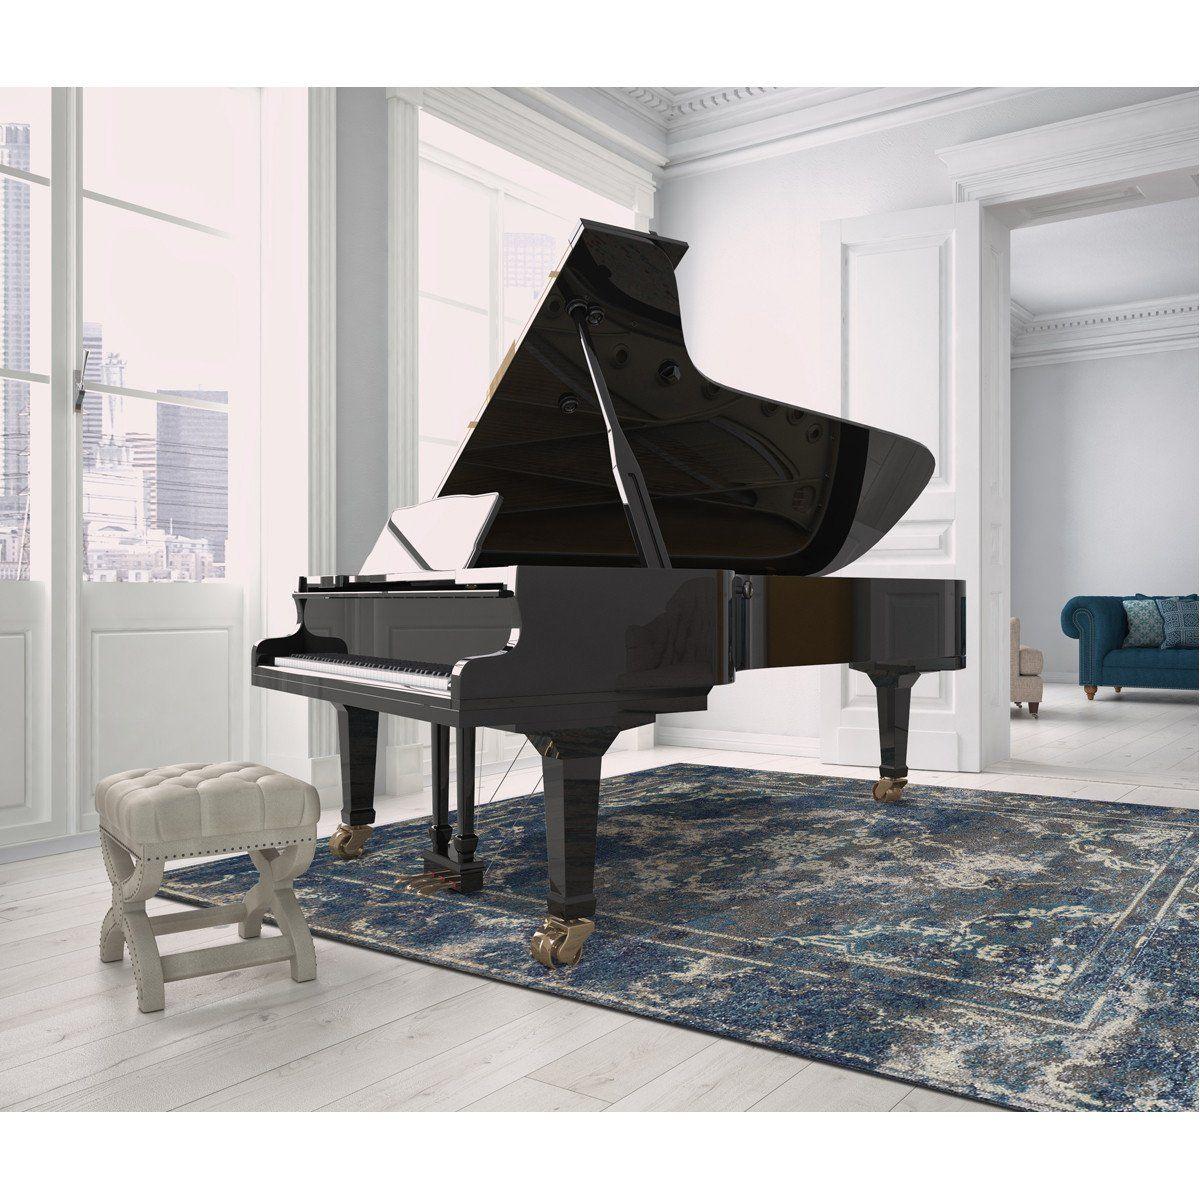 Dalyn lavita lv80 pewter rug piano stylish floor mat